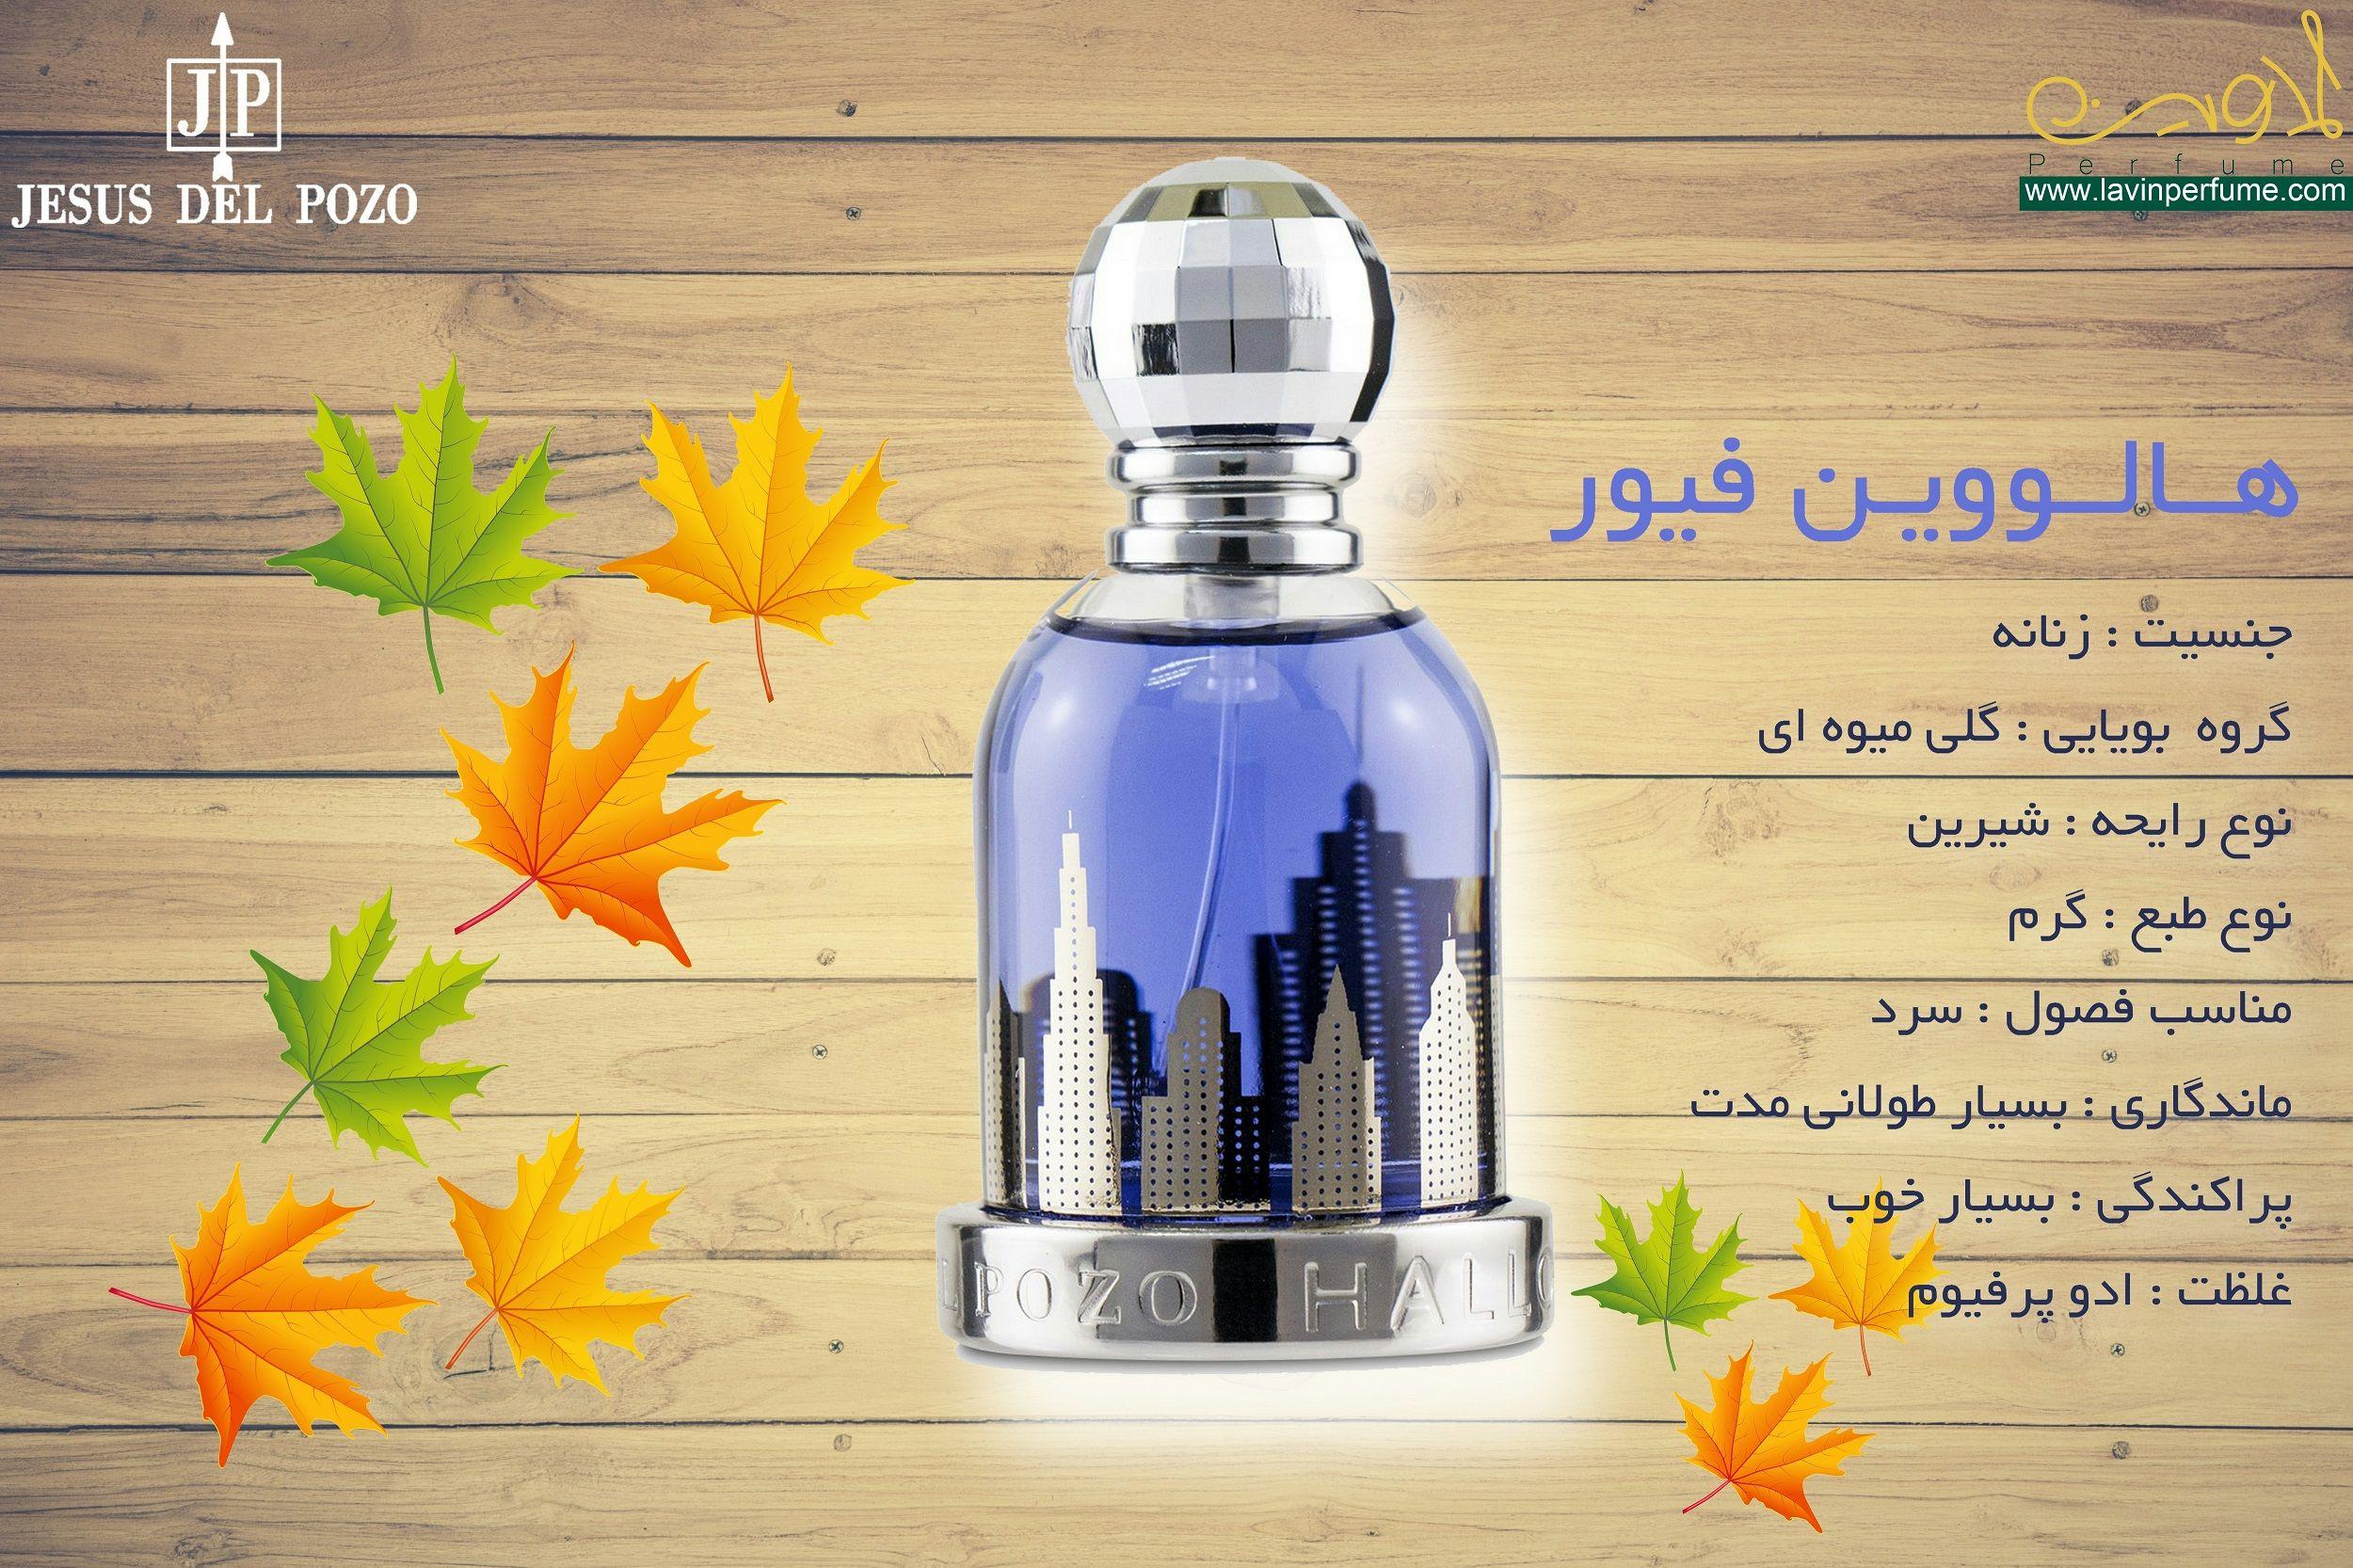 ادکلن هالووین فیور Halloween Fever perfume Bottle